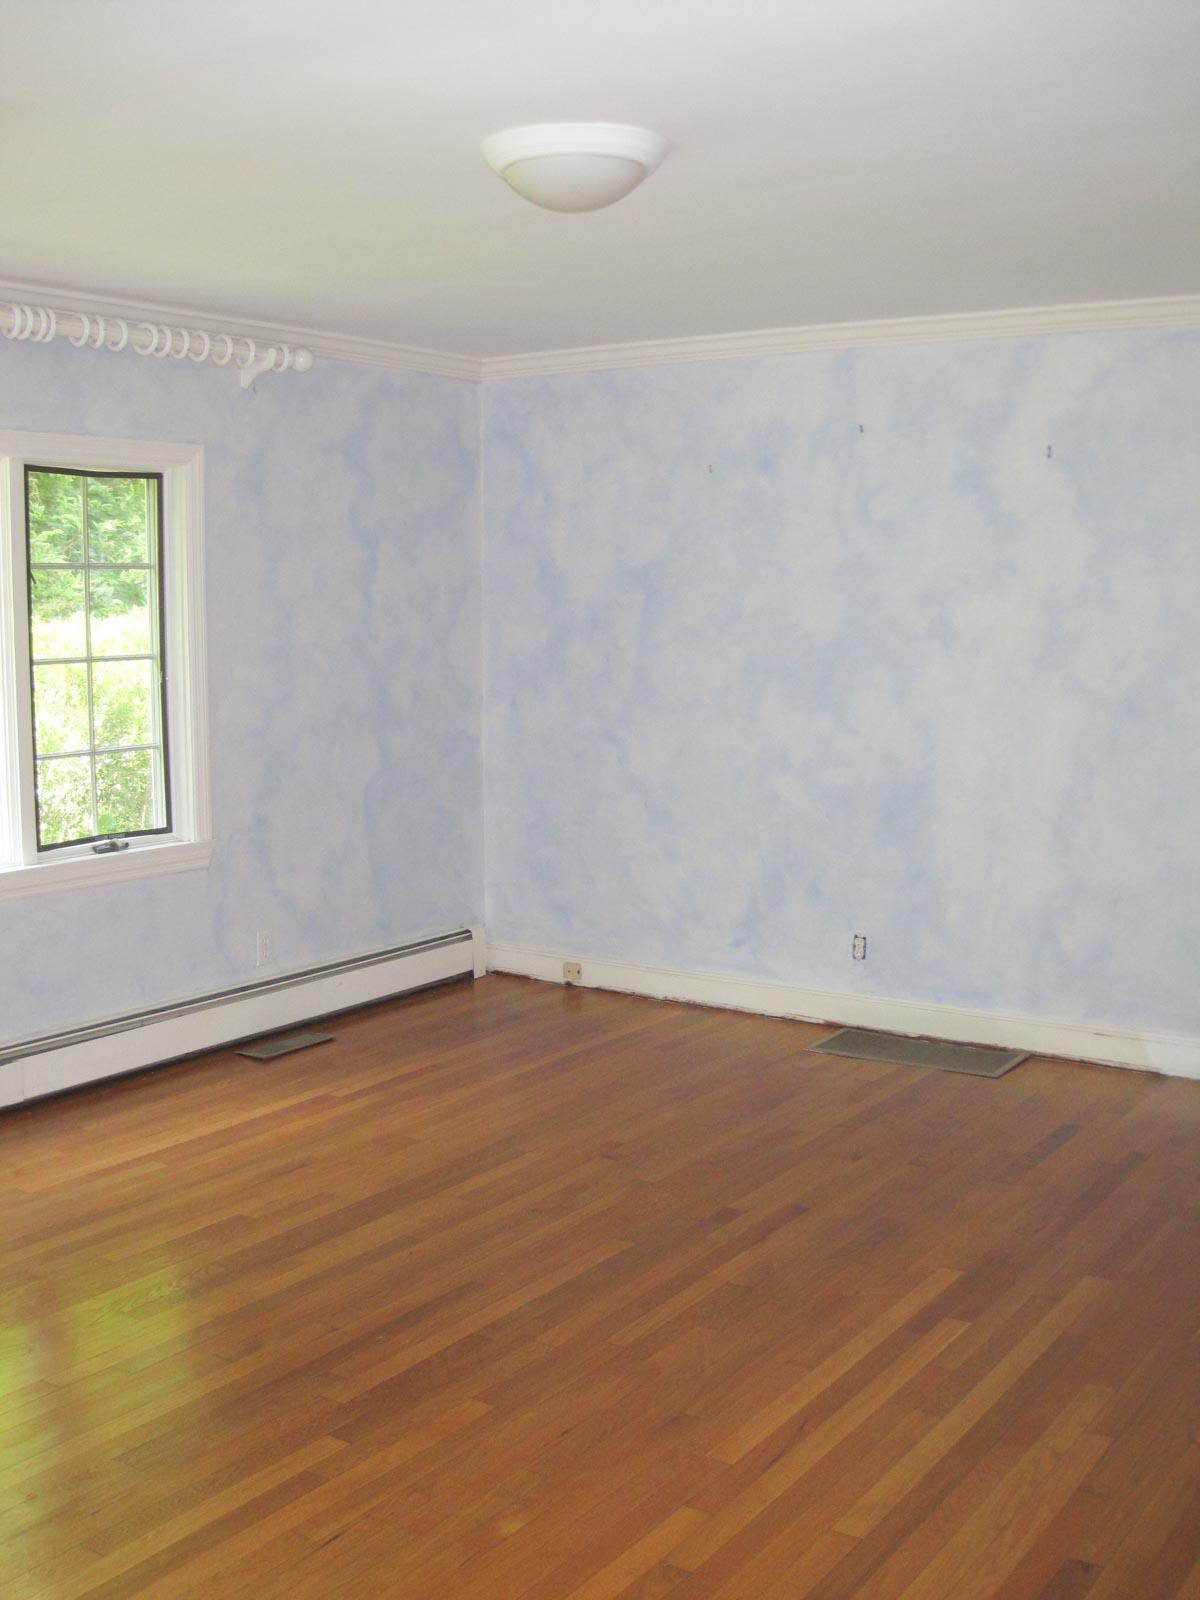 Home remodel: Master bedroom before remodeling!